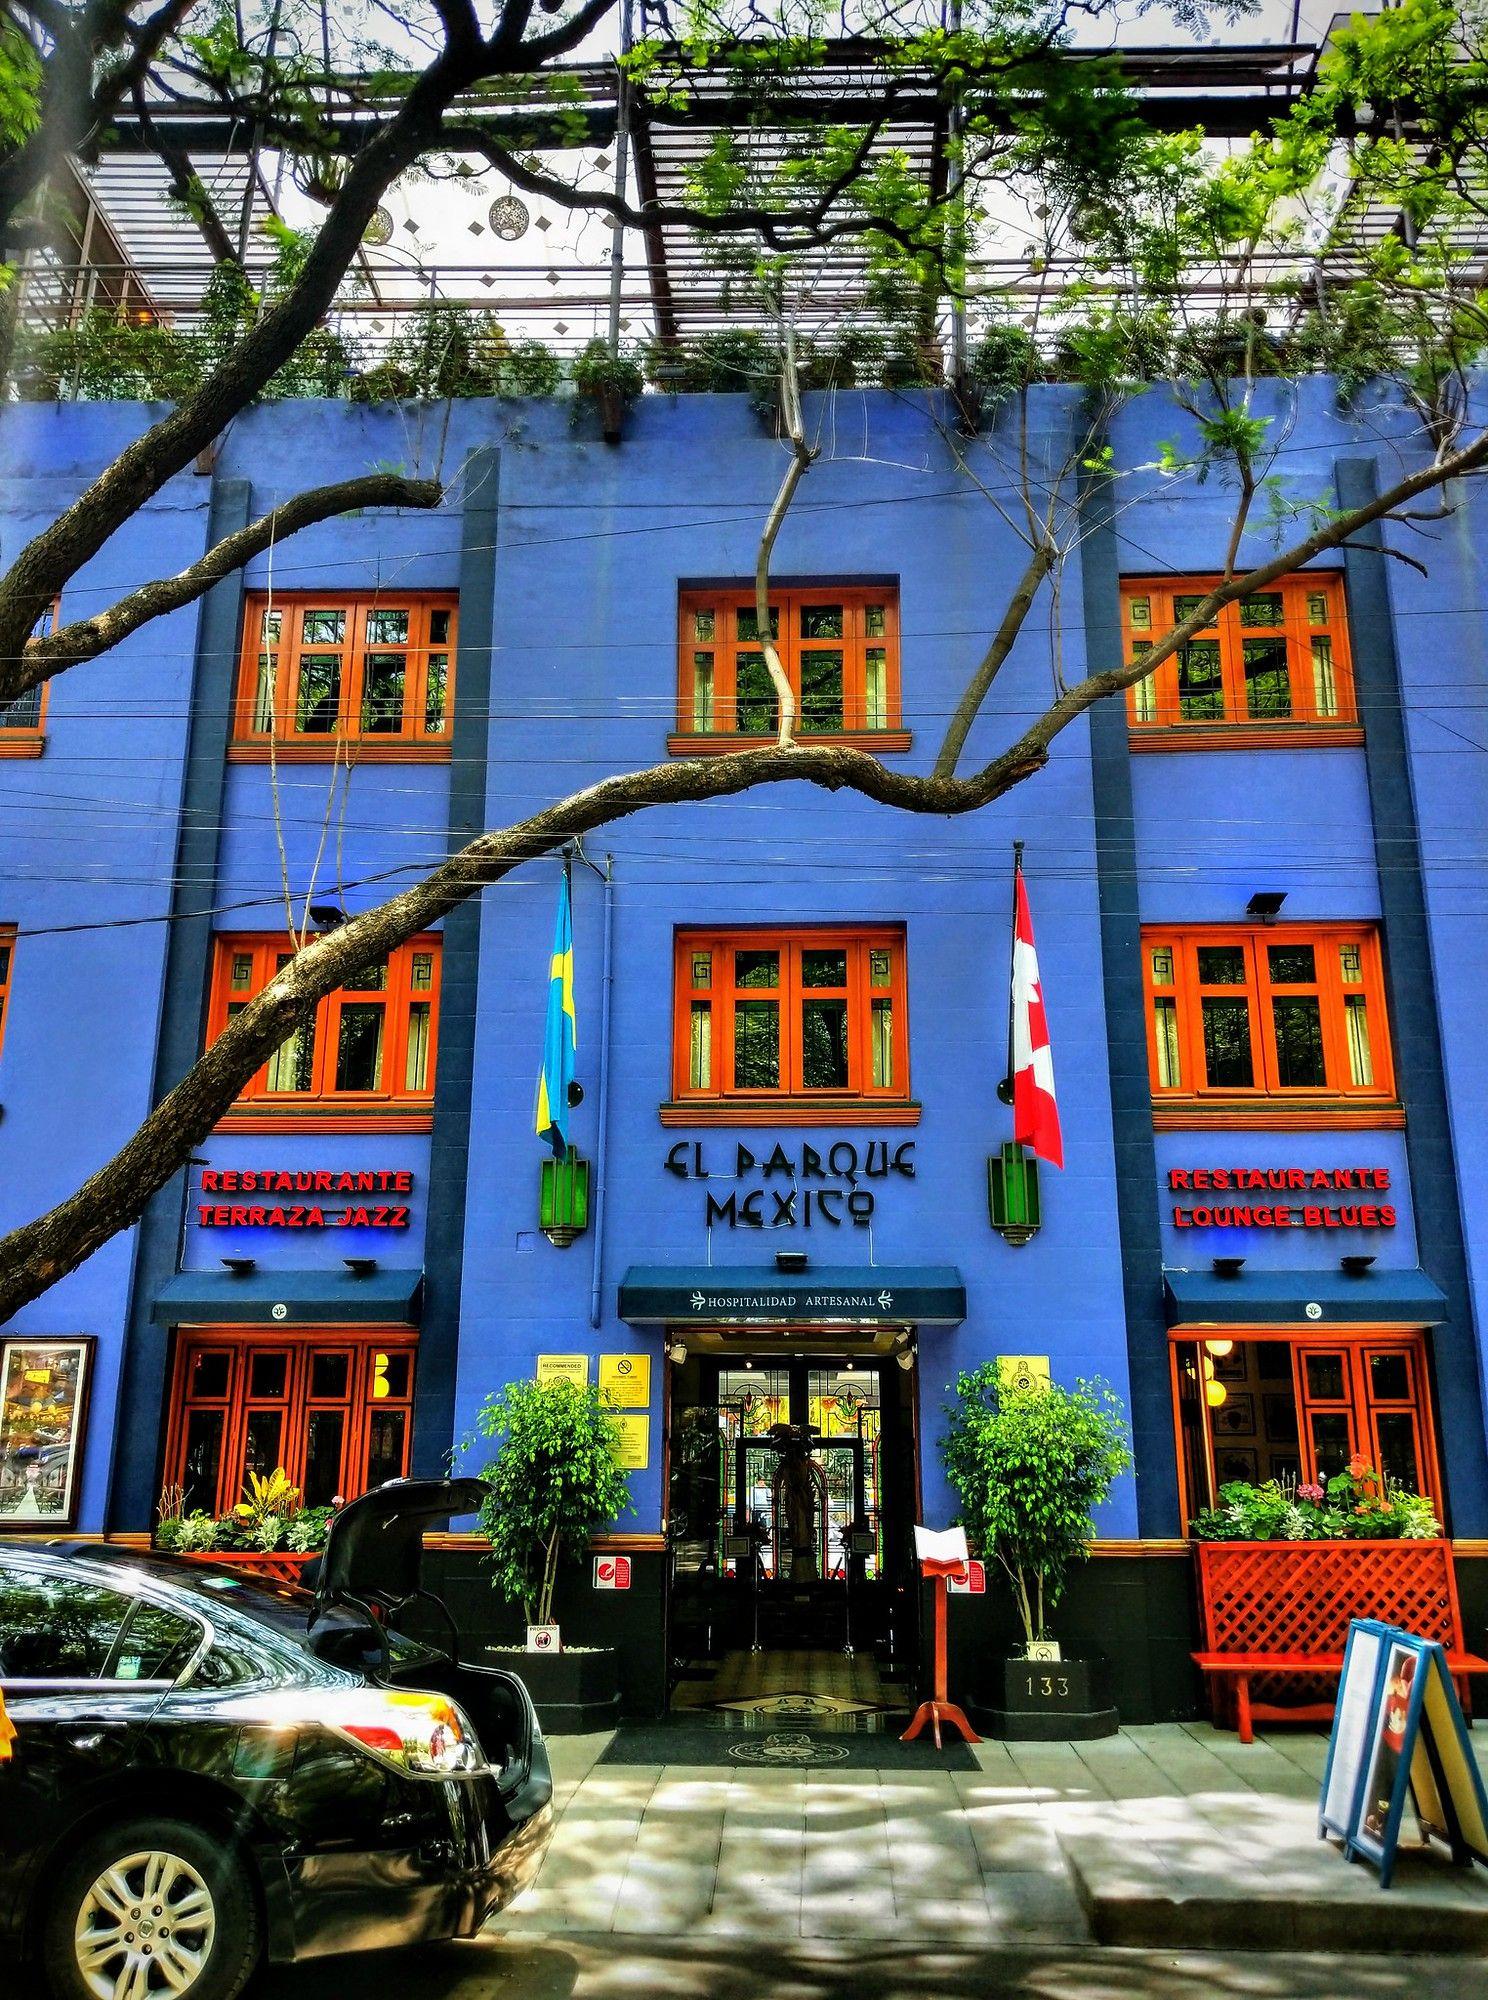 El Parque Mexico Hotel In La Condesa Mexico City Mexico